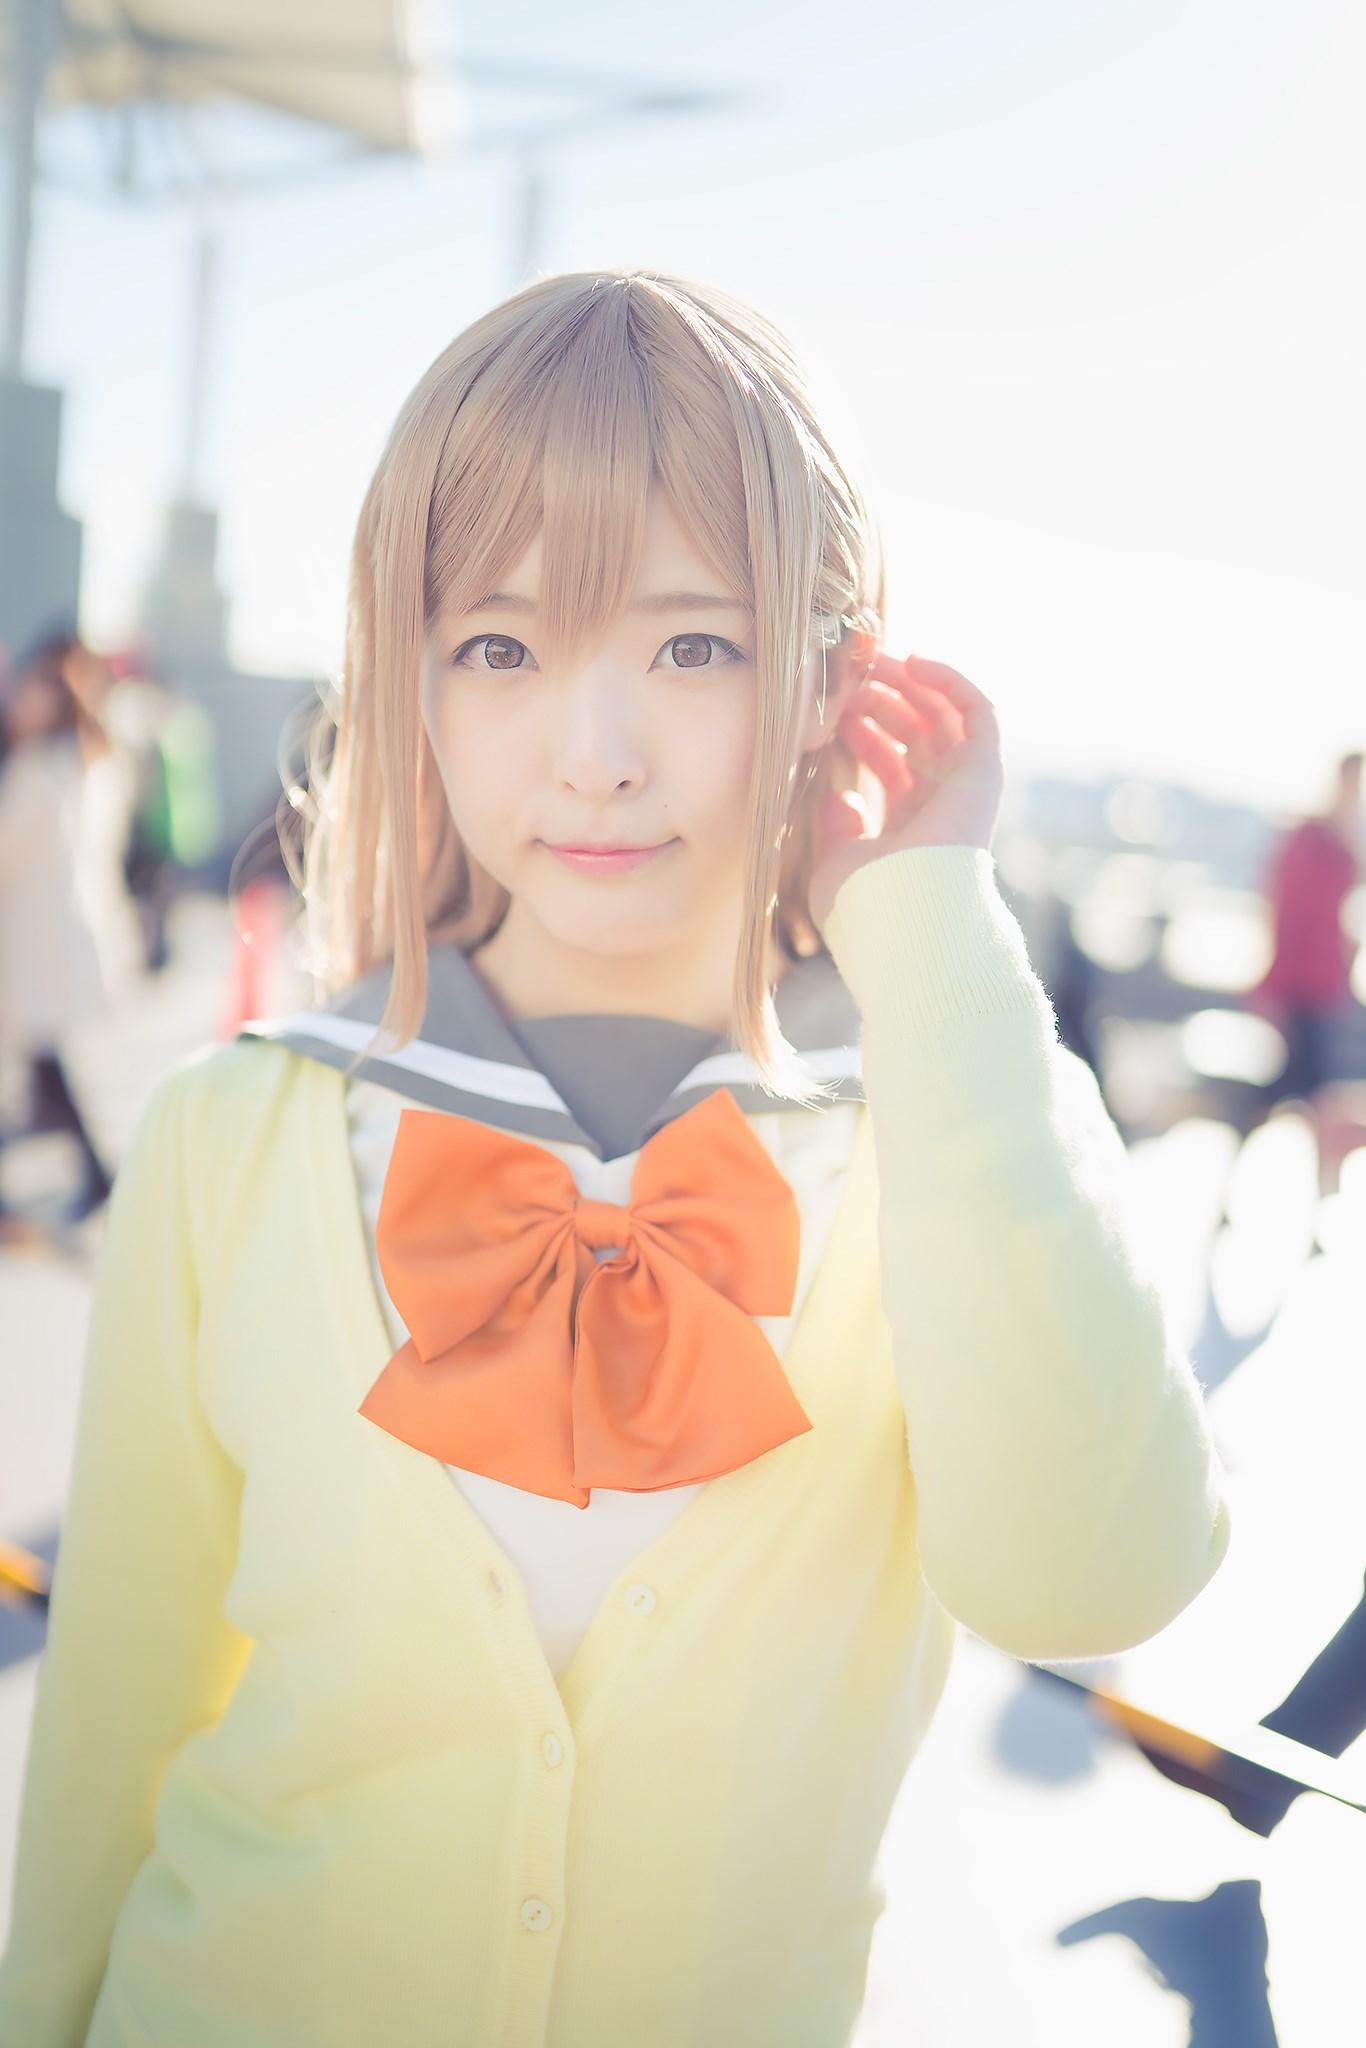 【兔玩映画】阳光与少女 兔玩映画 第9张